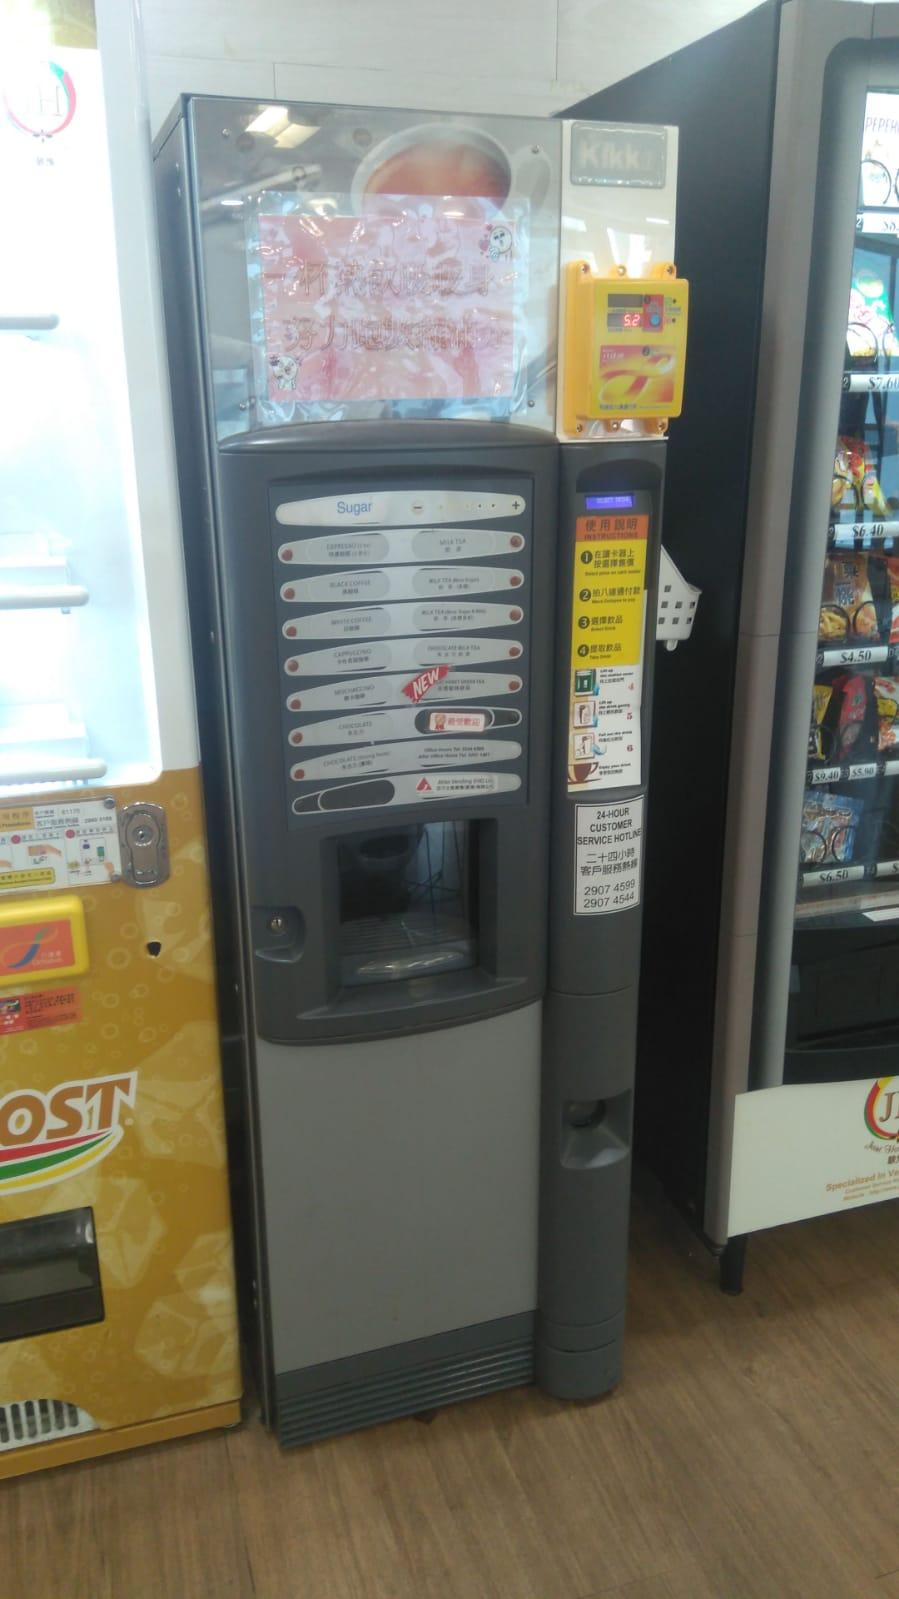 FreshUp,自動售賣機,自動販賣機,零食,飲品,方便,快捷,智能,企業,公司,信任,電訊盈科,咖啡機,熱飲